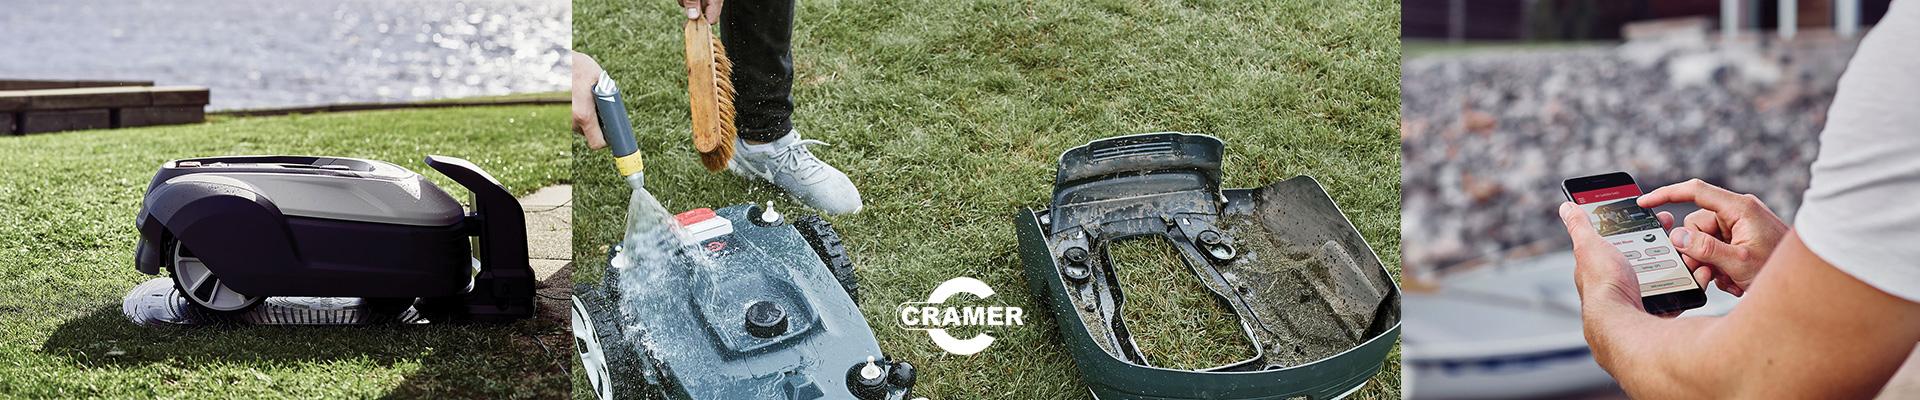 Den smarte Cramer Robotplæneklipper hos robotleje.dk